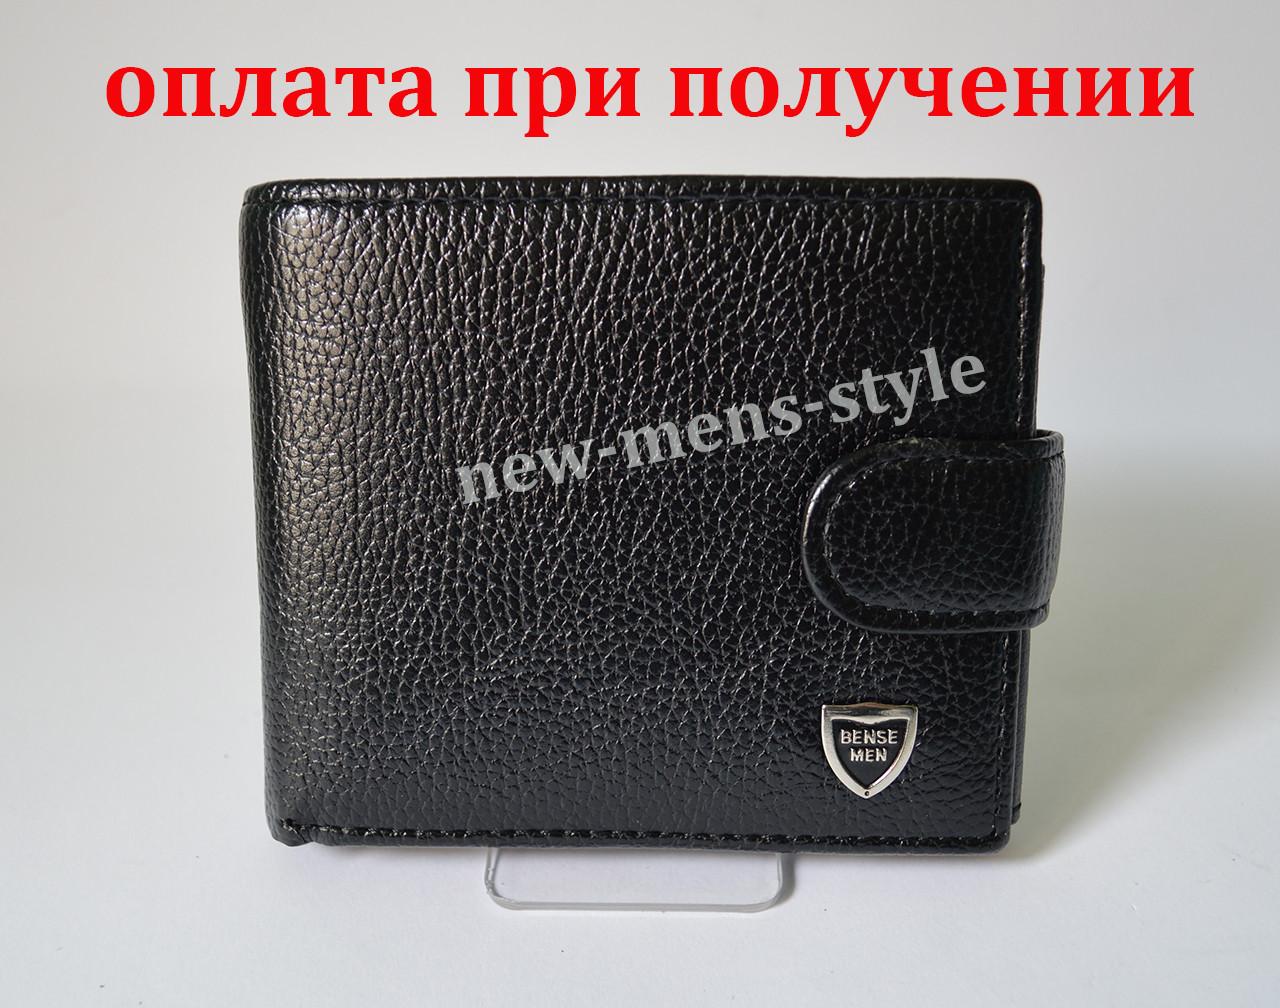 Мужской кожаный стильный кошелек клатч портмоне BENSE MEN новый купить